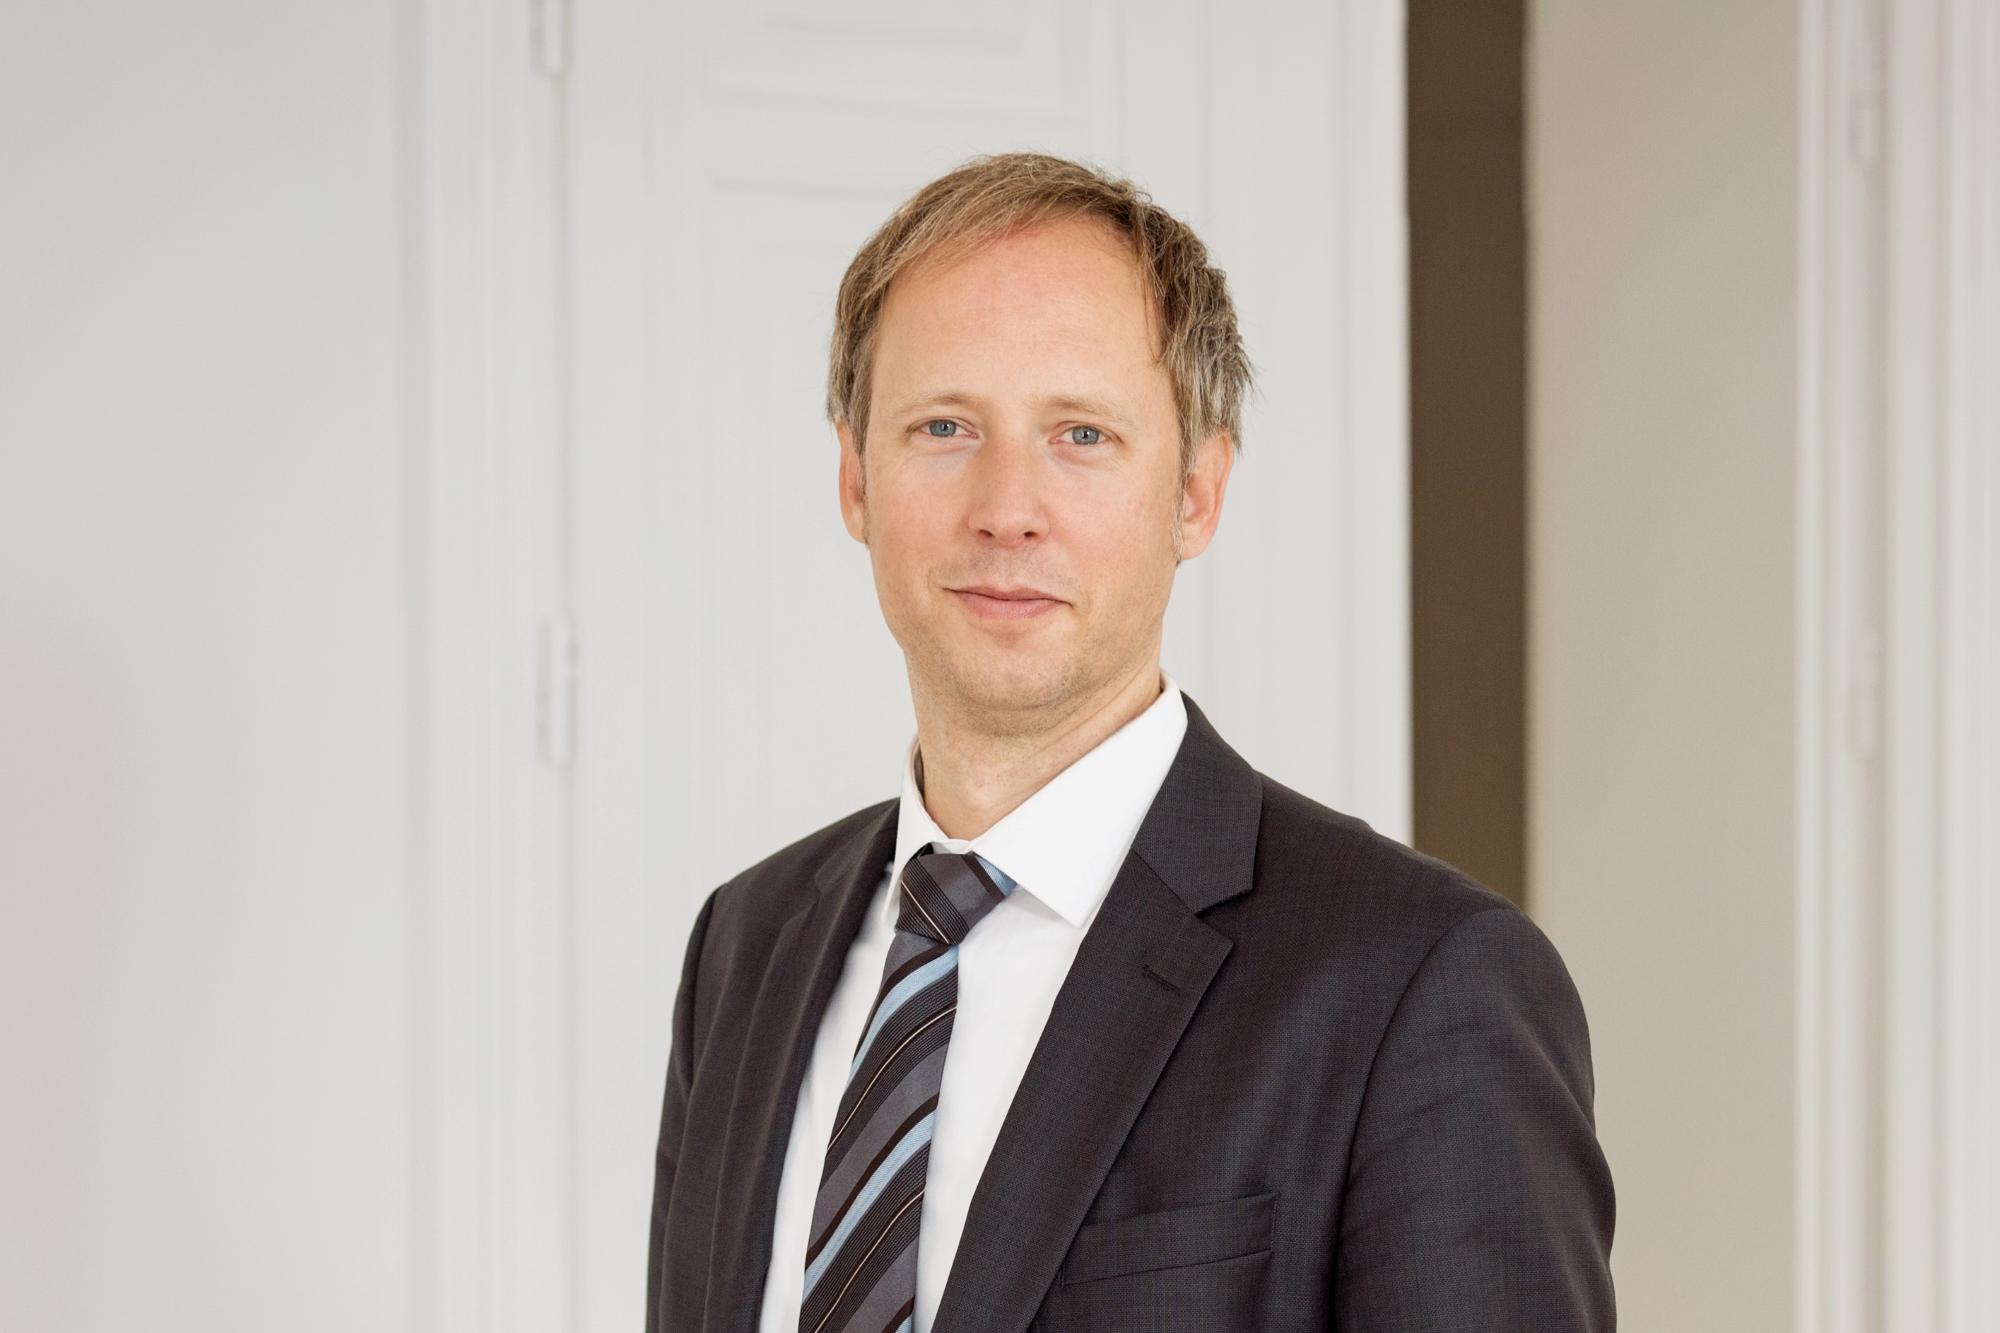 Porträtbild von Dr. Mark-Steffen Buchele, Geschäftsführer buchele cc